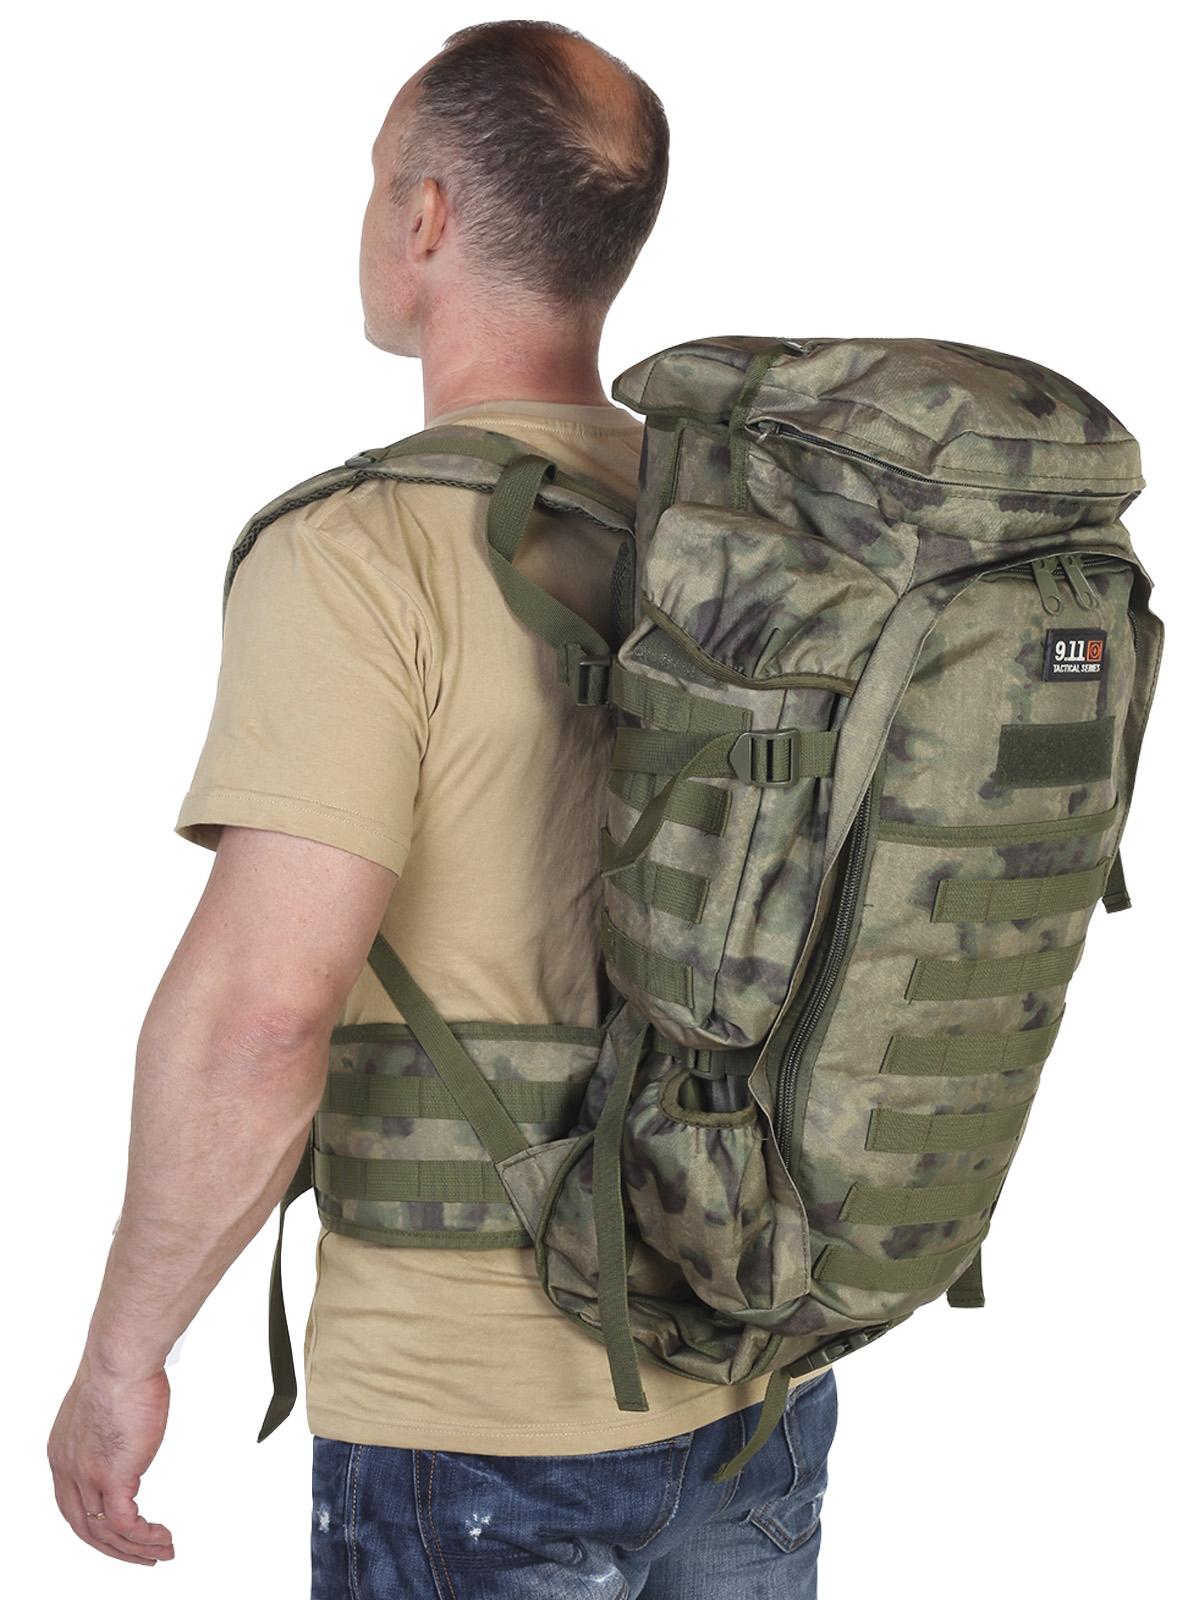 Практичные армейские сумки и вещмешки